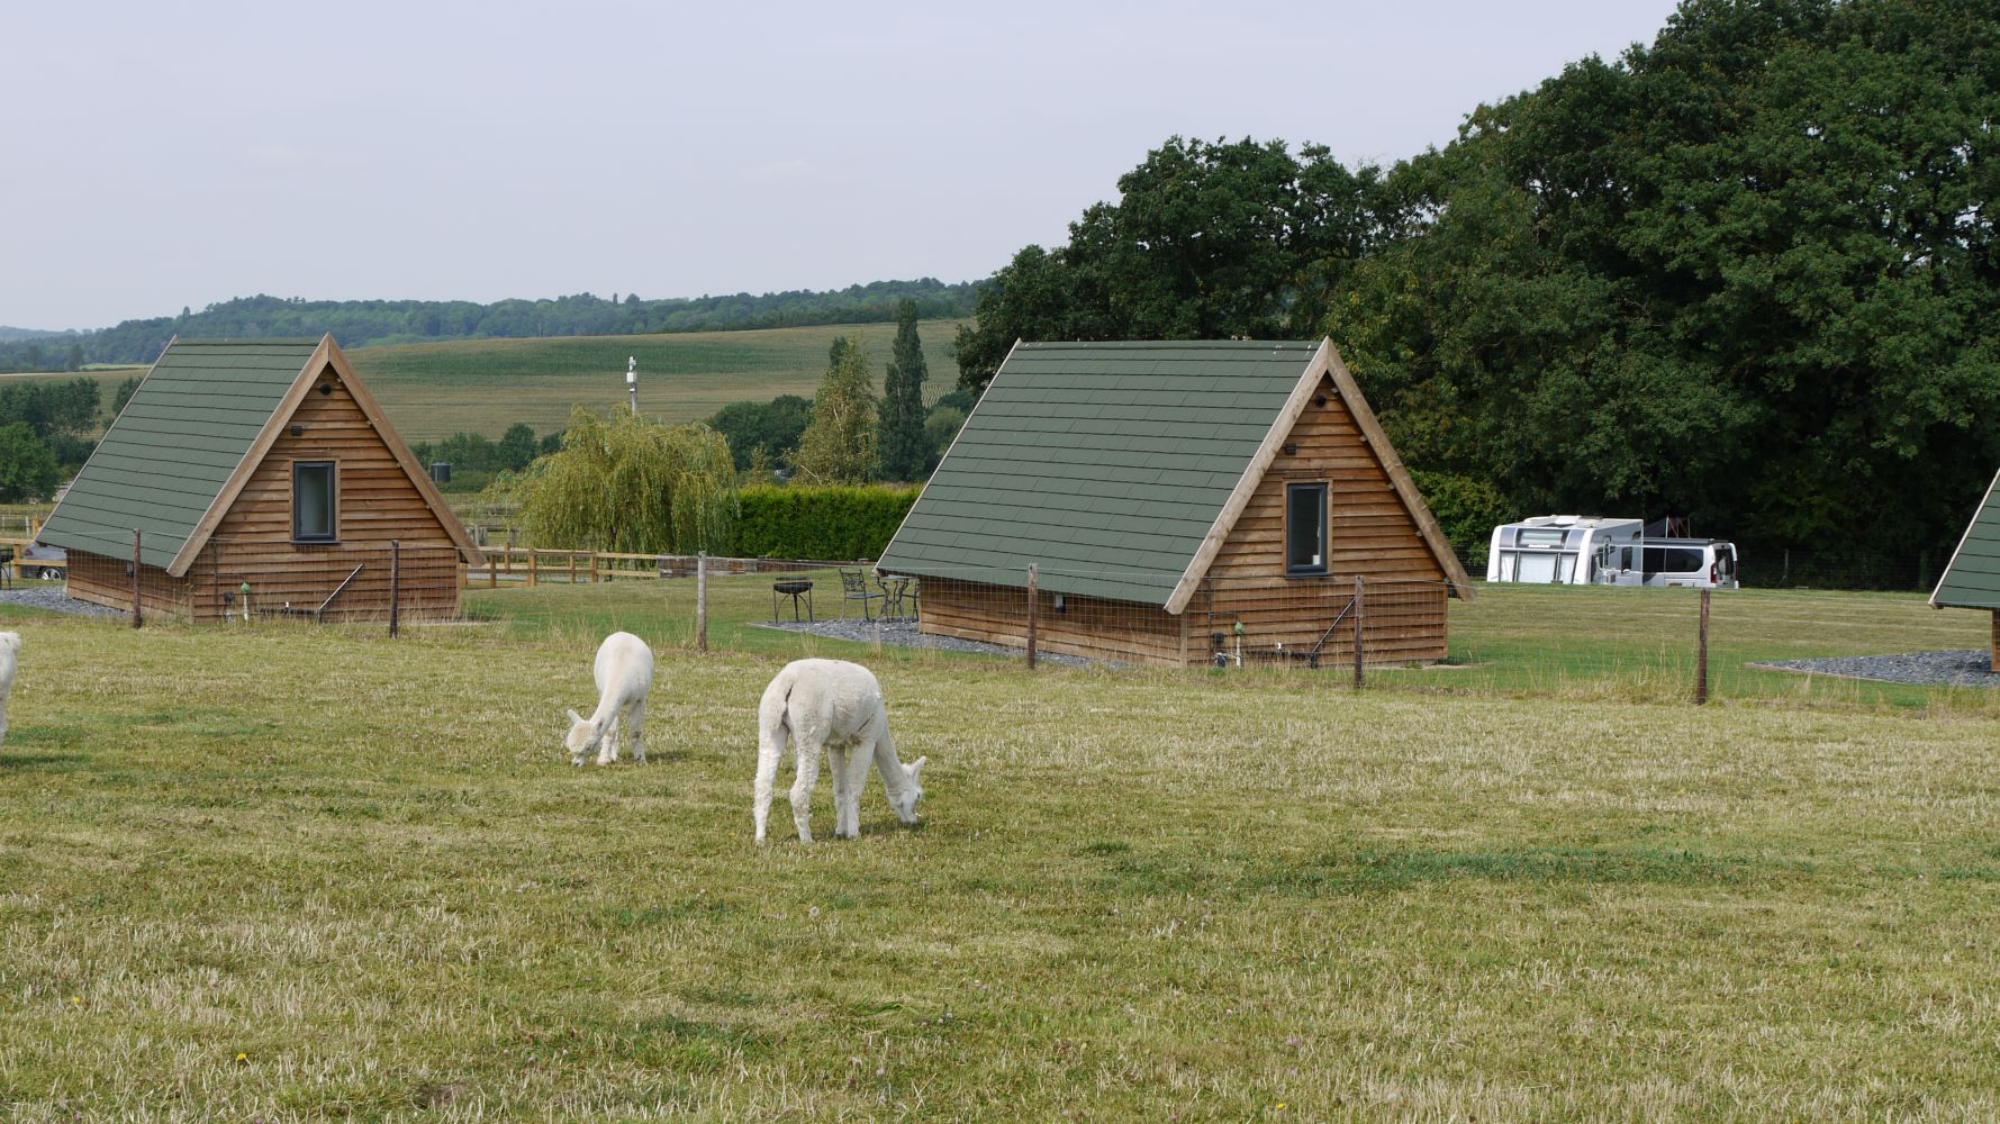 Campsites in Loughborough – I Love This Campsite